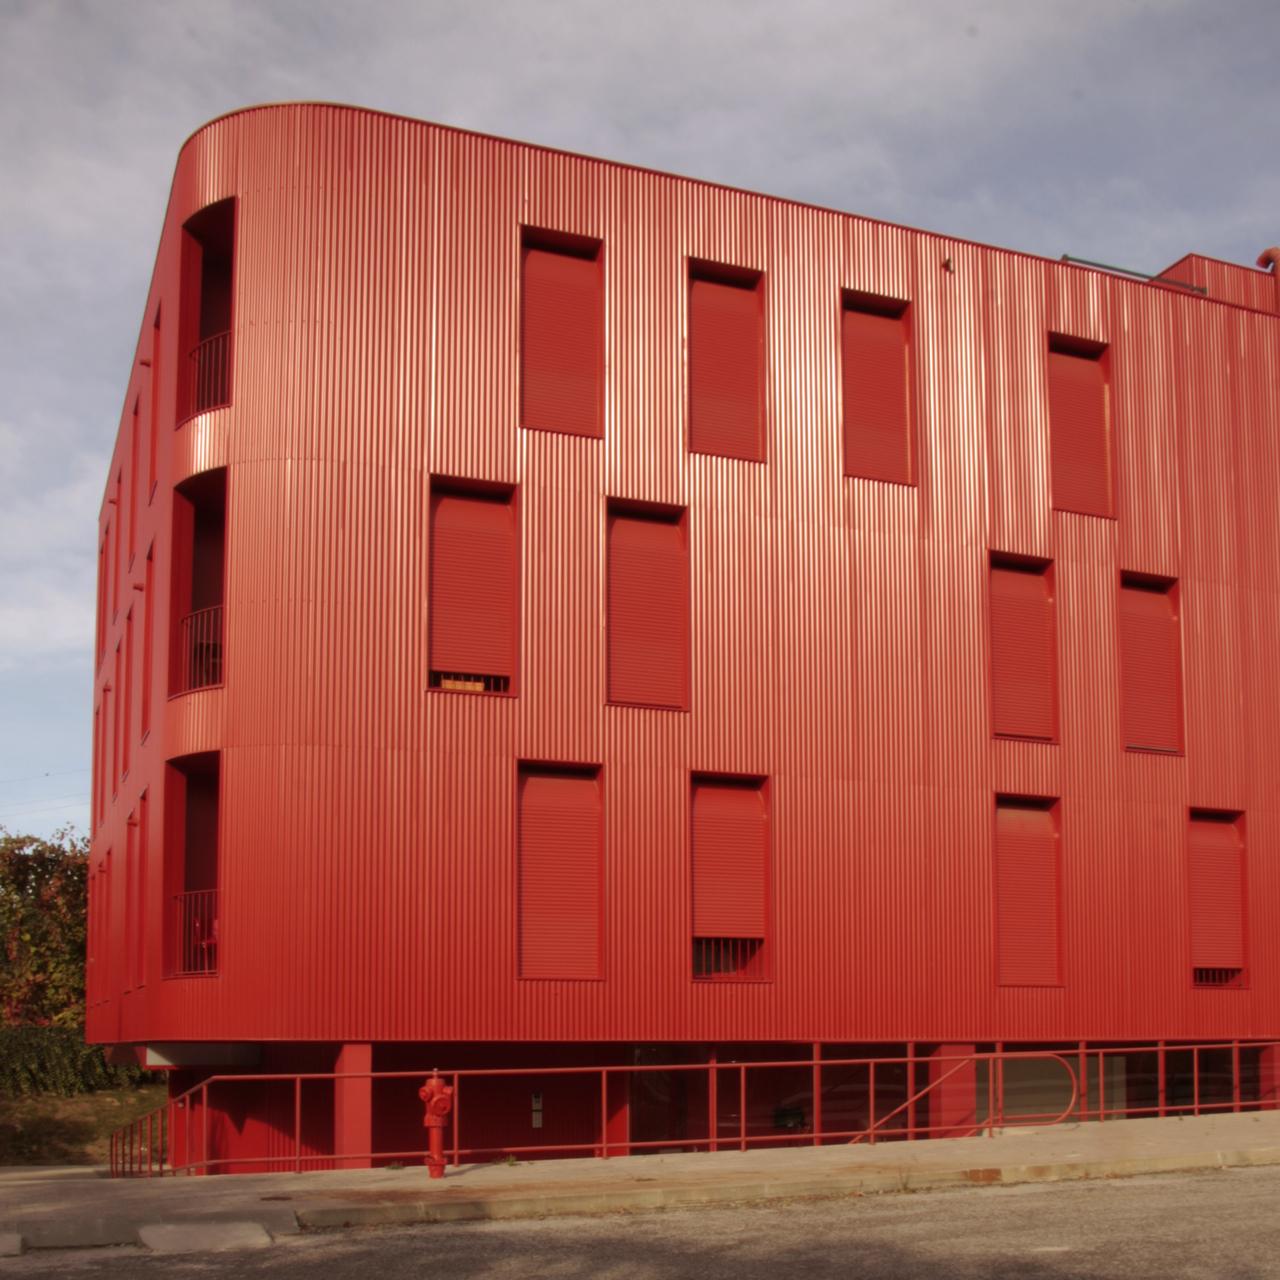 Flex Vermelho / Cerejeira Fontes Arquitectos, © santo eduardo di miceli